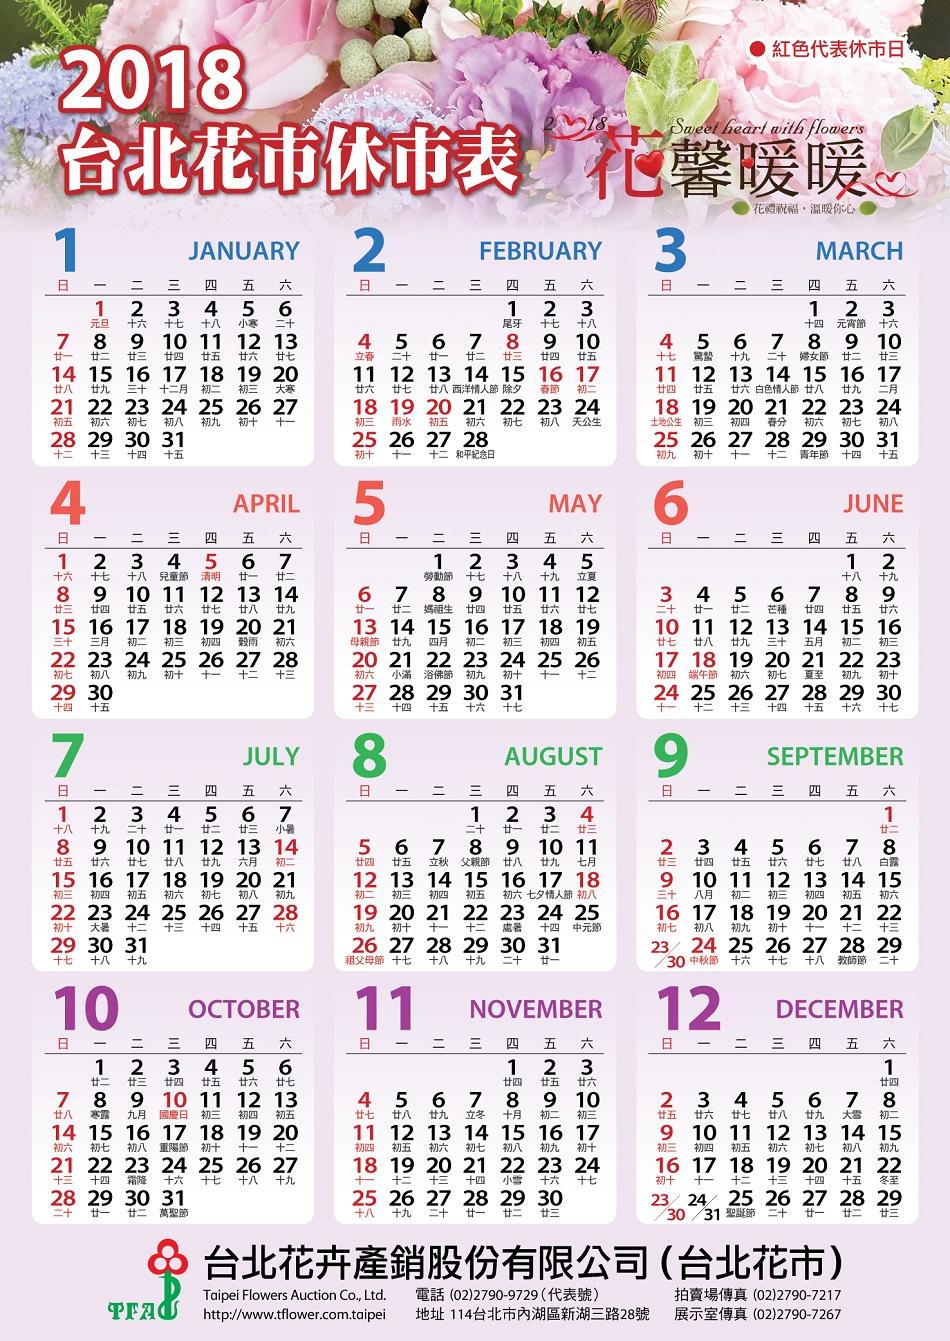 台北內湖花市 營業及休市的時間表 2018 買花必備的資料表